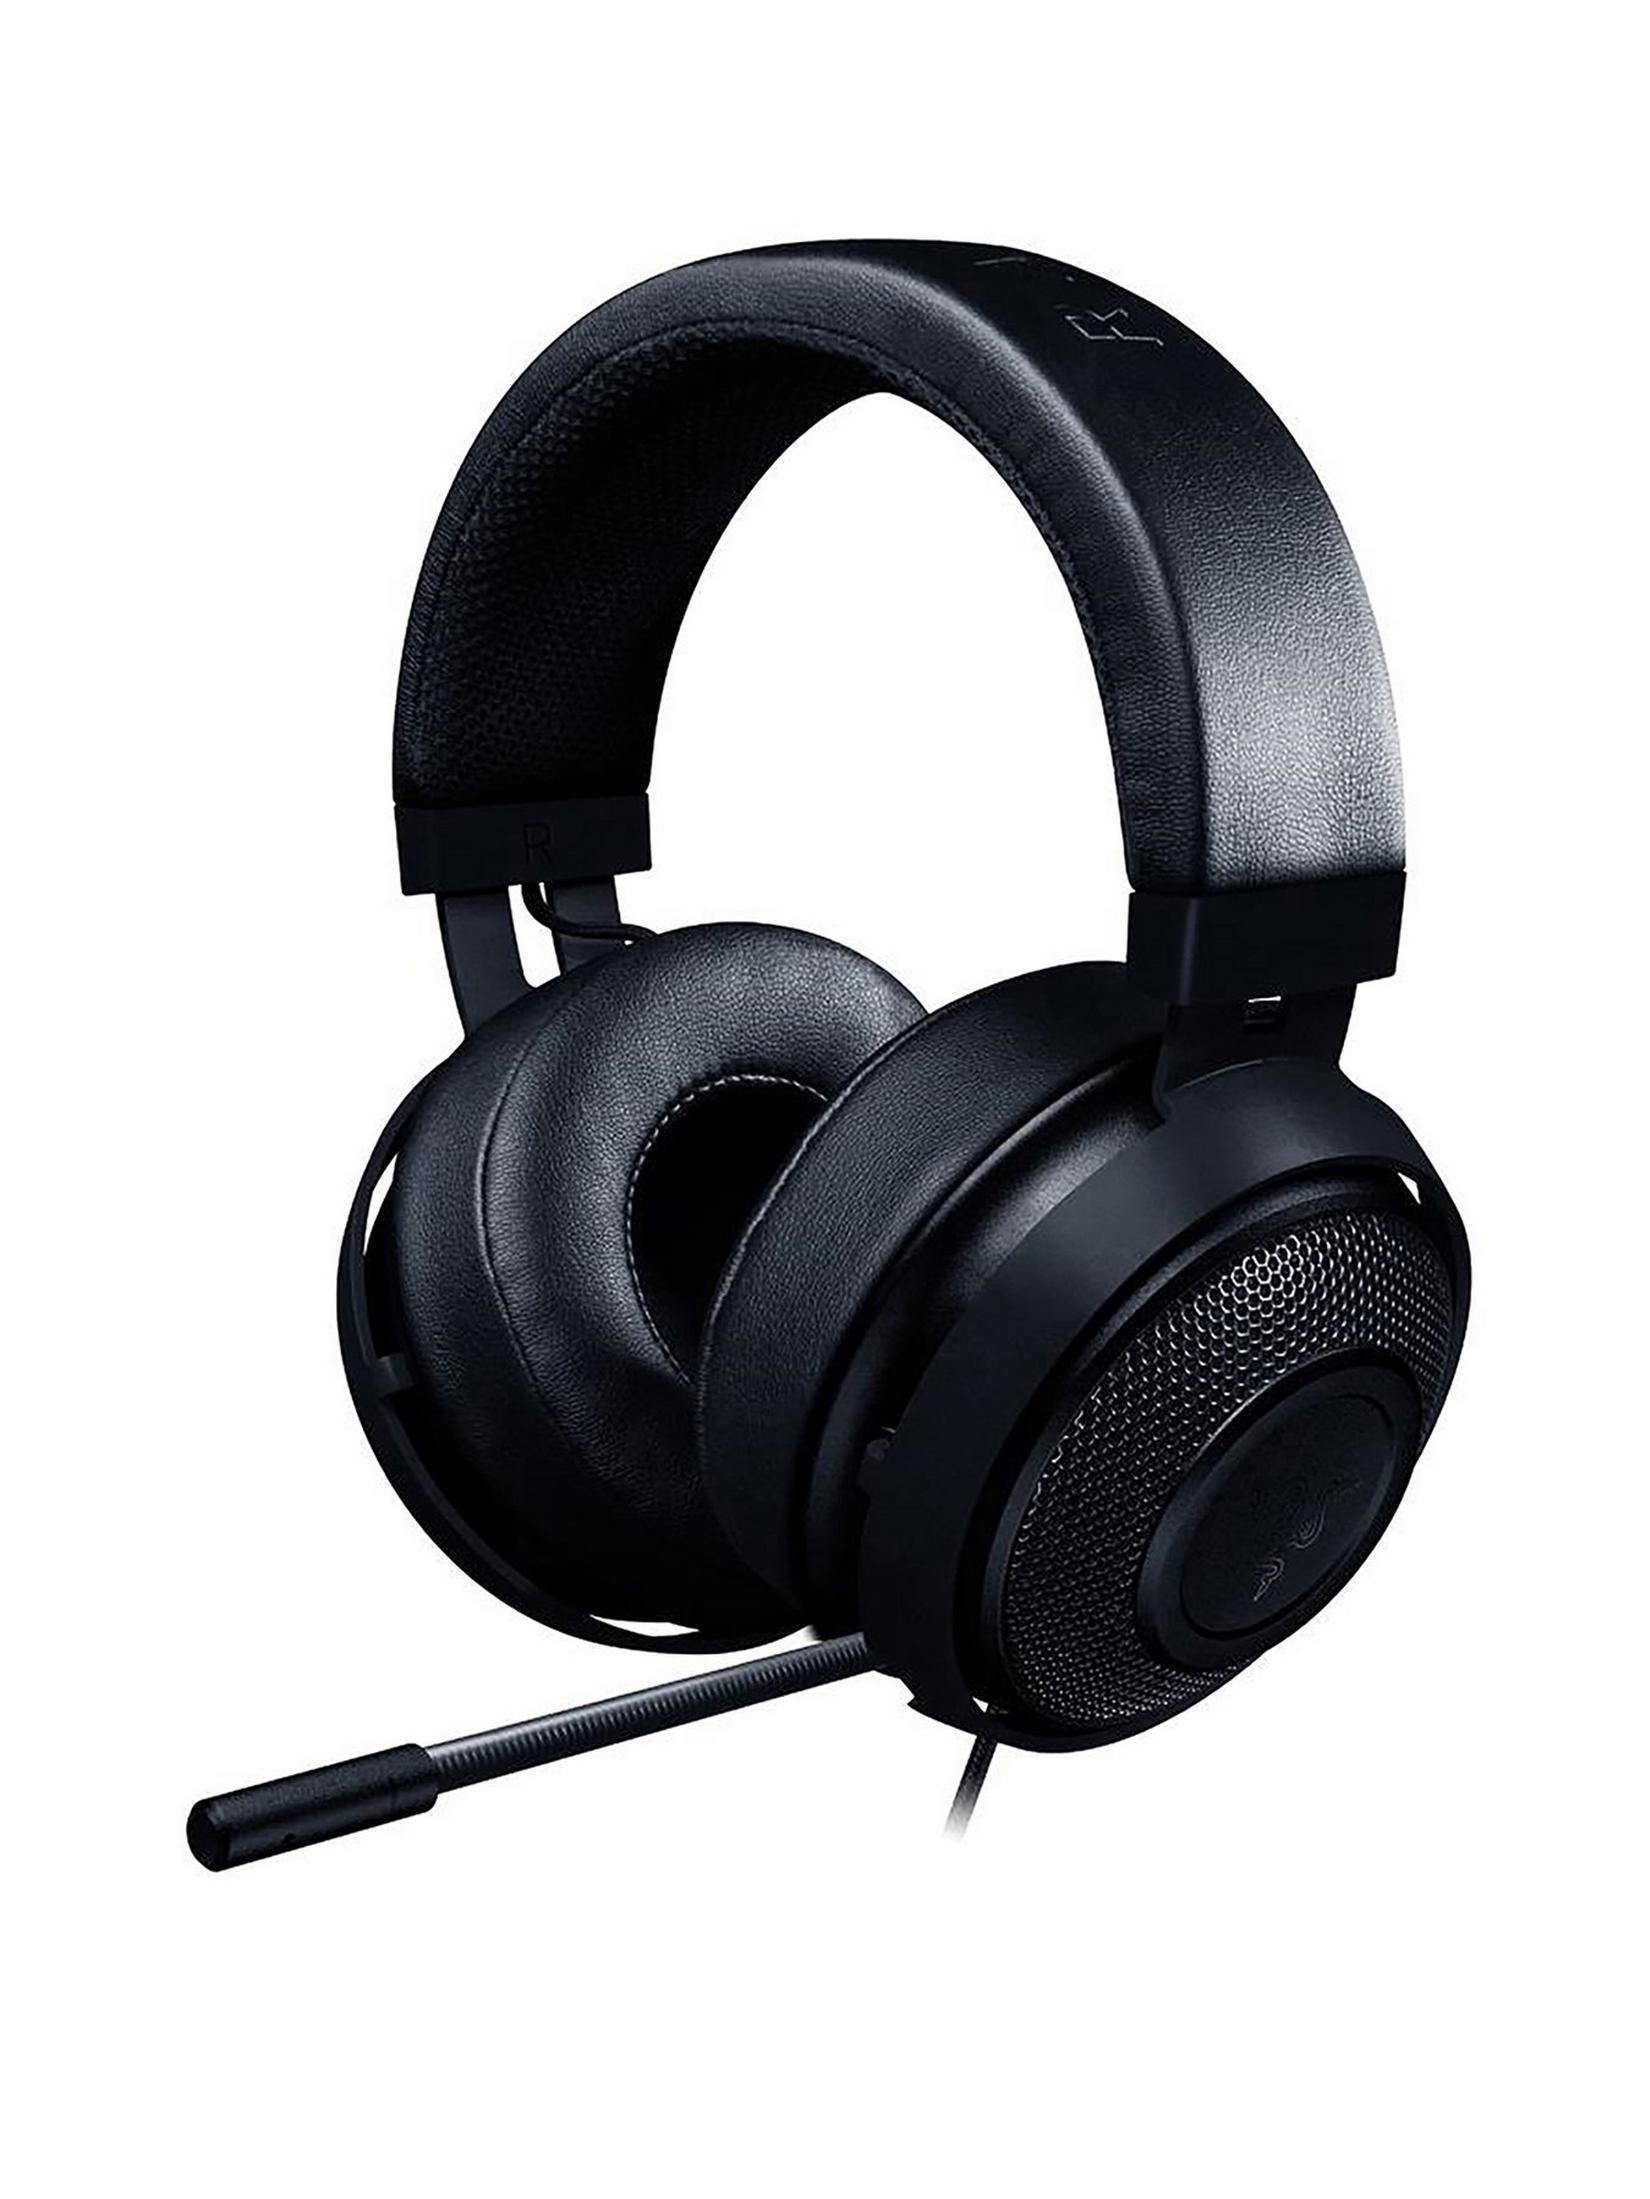 Razer Kraken Pro V2 PC Gaming Headset – Black at Very for £49.99